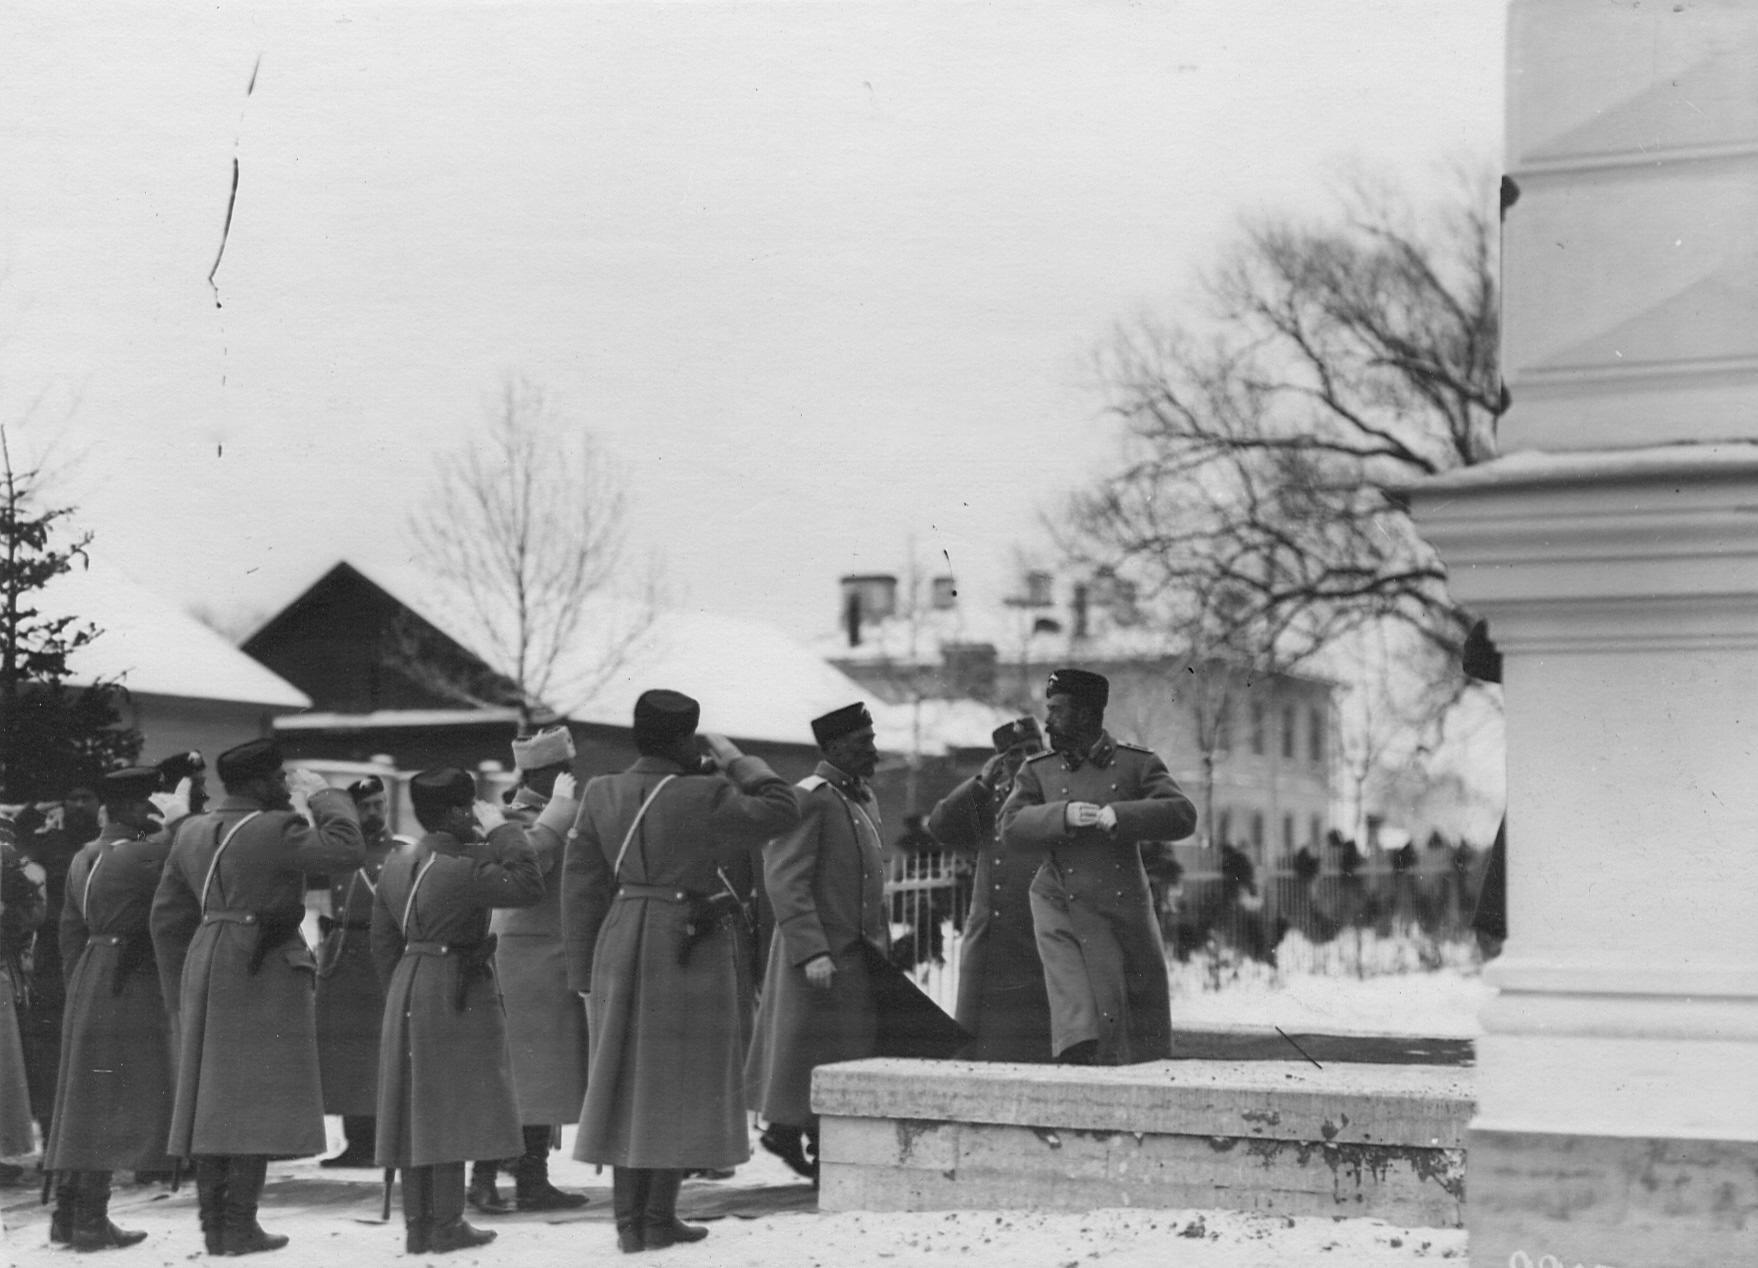 Император Николай II входит в офицерское собрание  2-го стрелкового Царскосельского батальона. До 1909